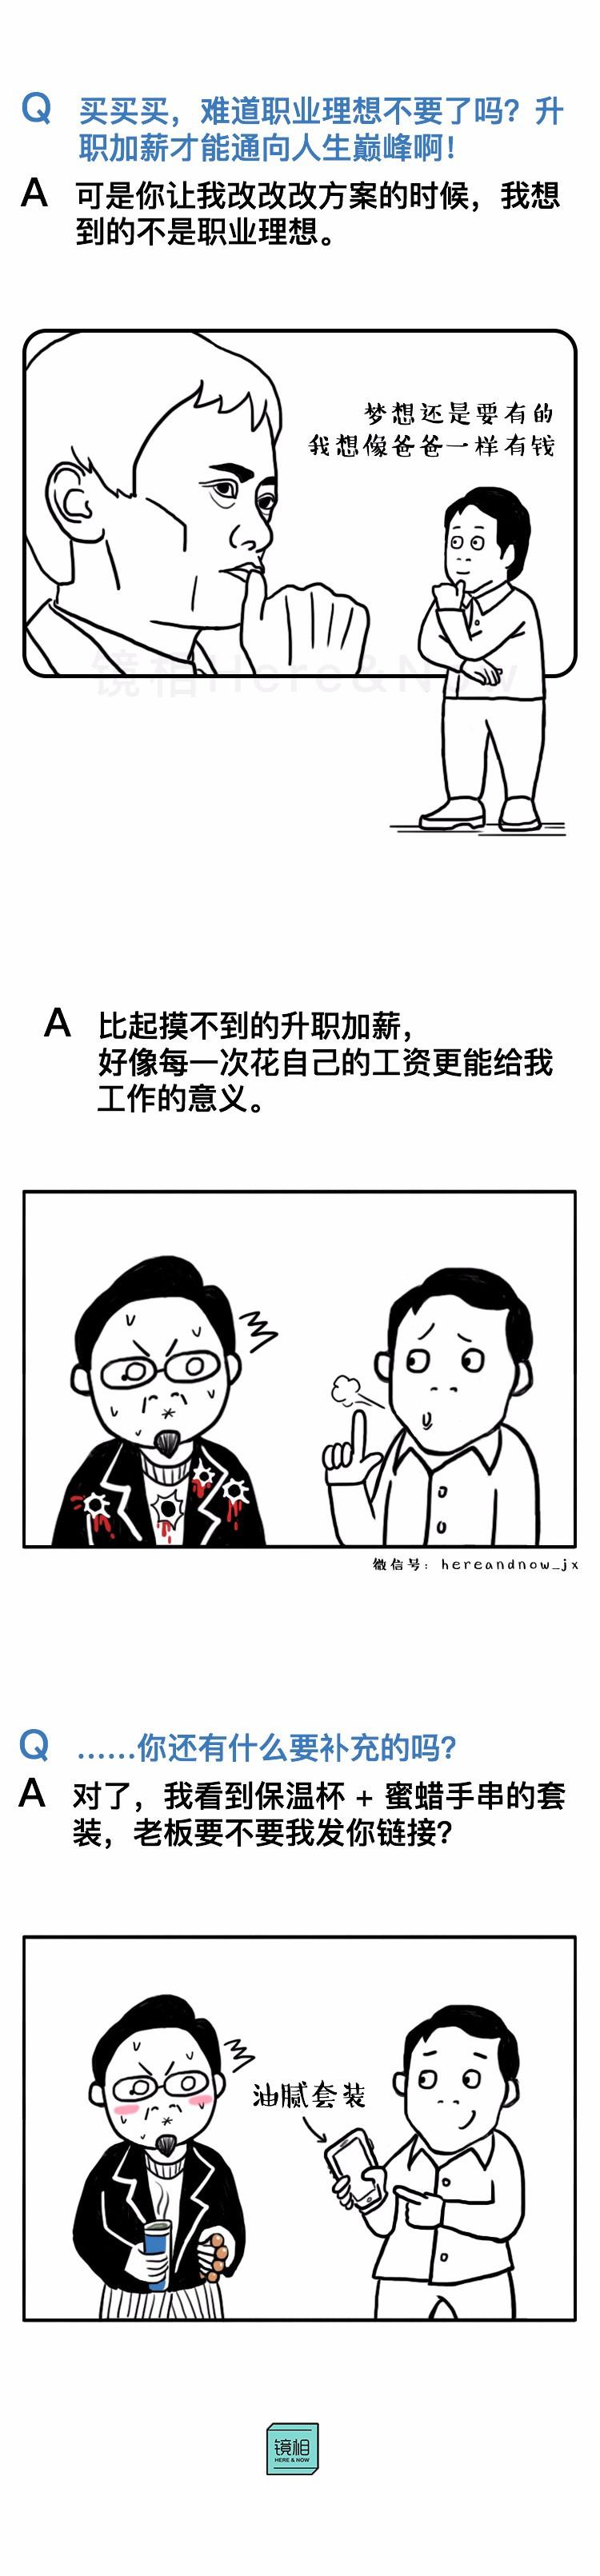 """王健林老婆林宁: """"首富豪门? 嫁不嫁我都是"""", 这背景太羡慕"""